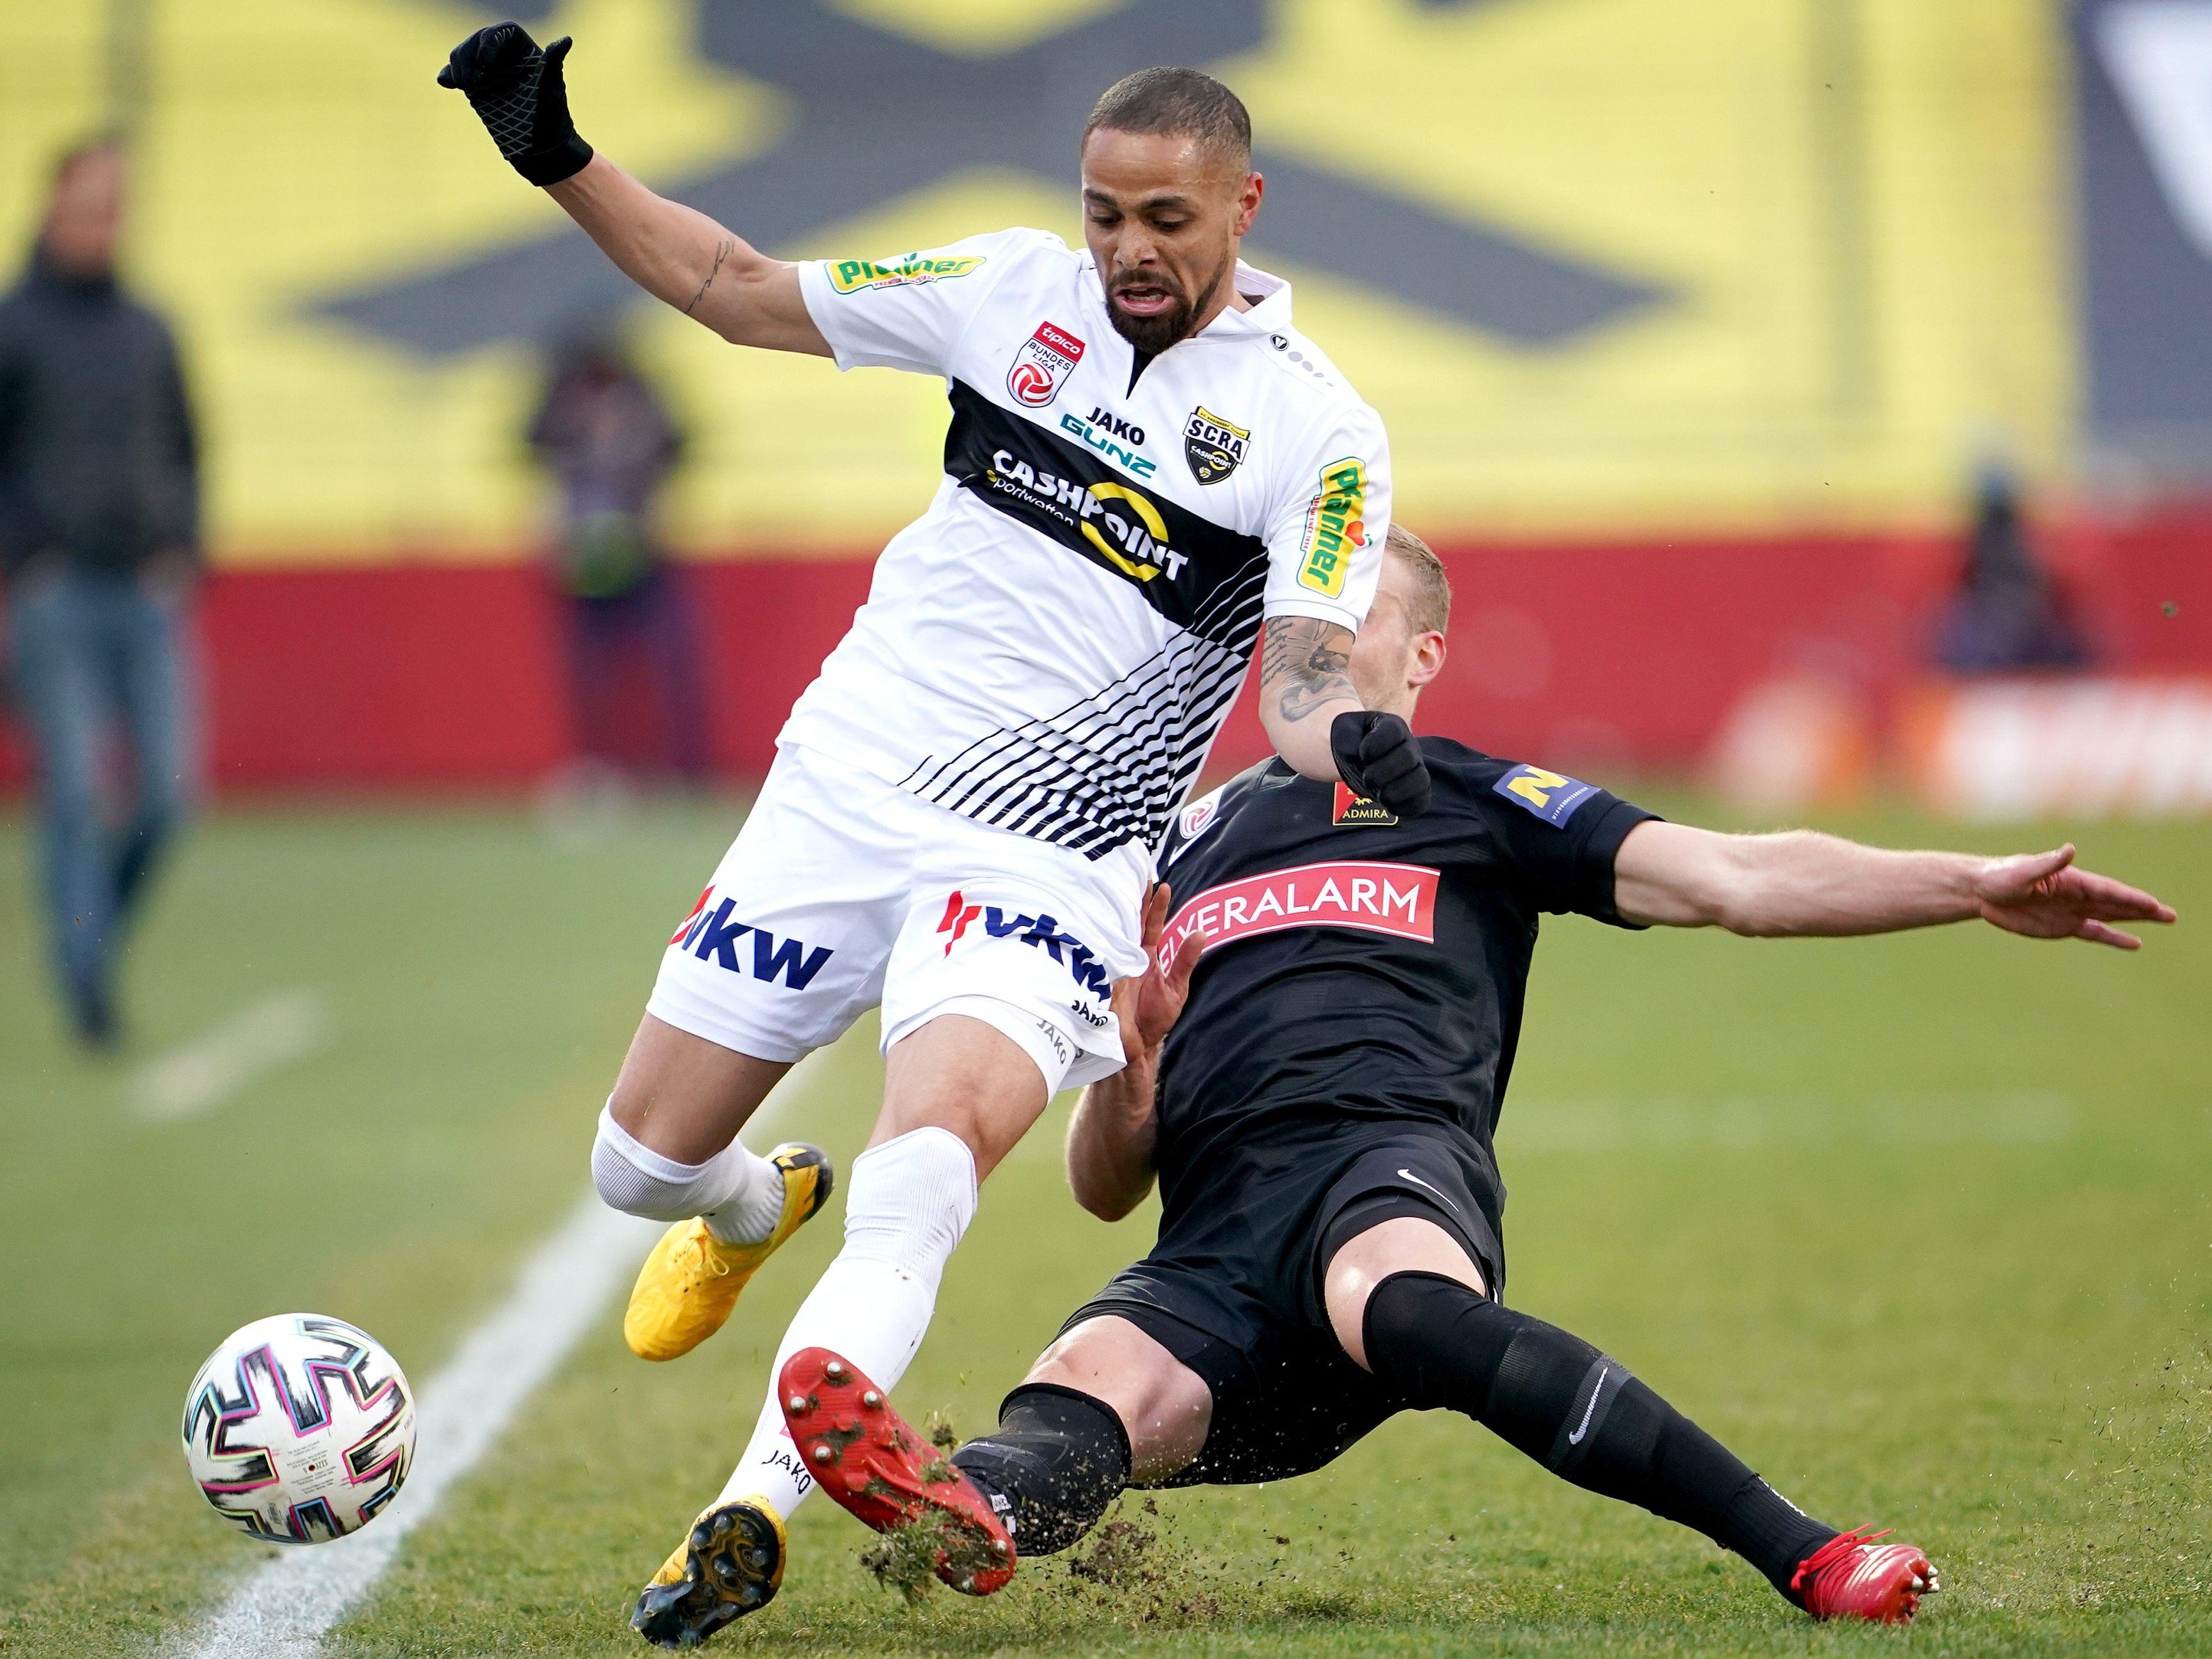 Altach sucht vor Heimspiel gegen Mattersburg Effektivitt   carolinavolksfolks.com